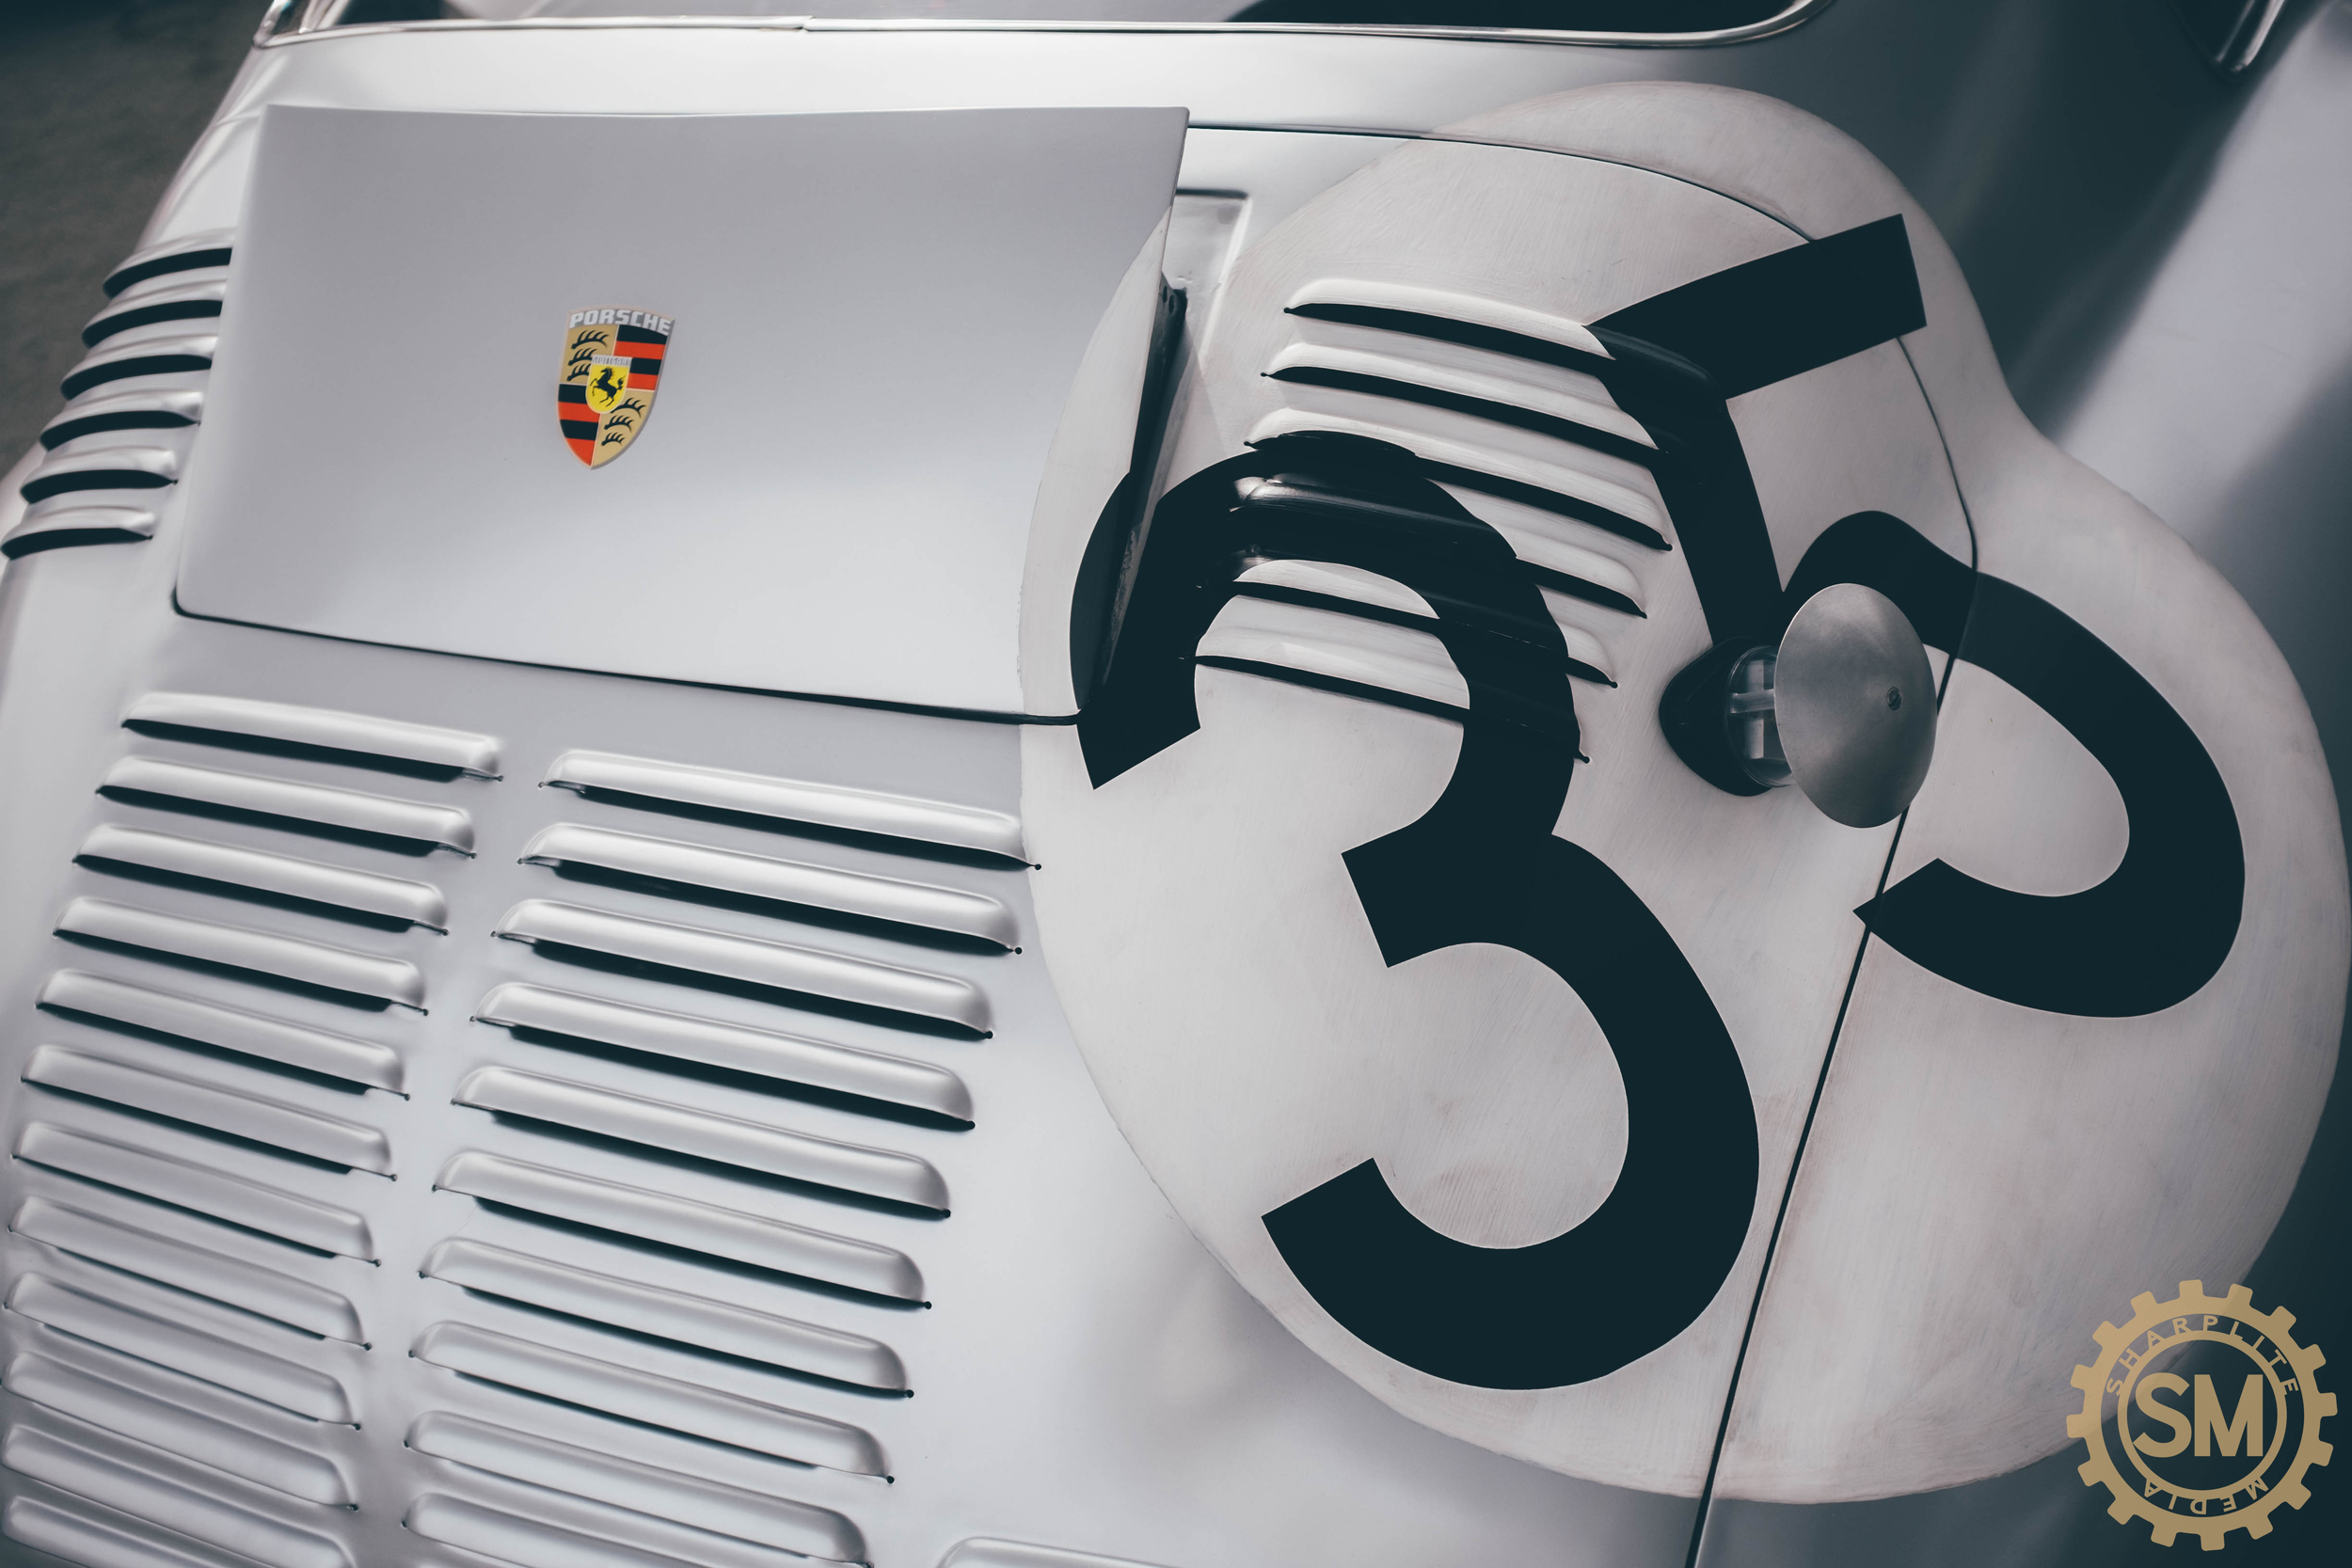 Porsche_FINAL-88.jpg